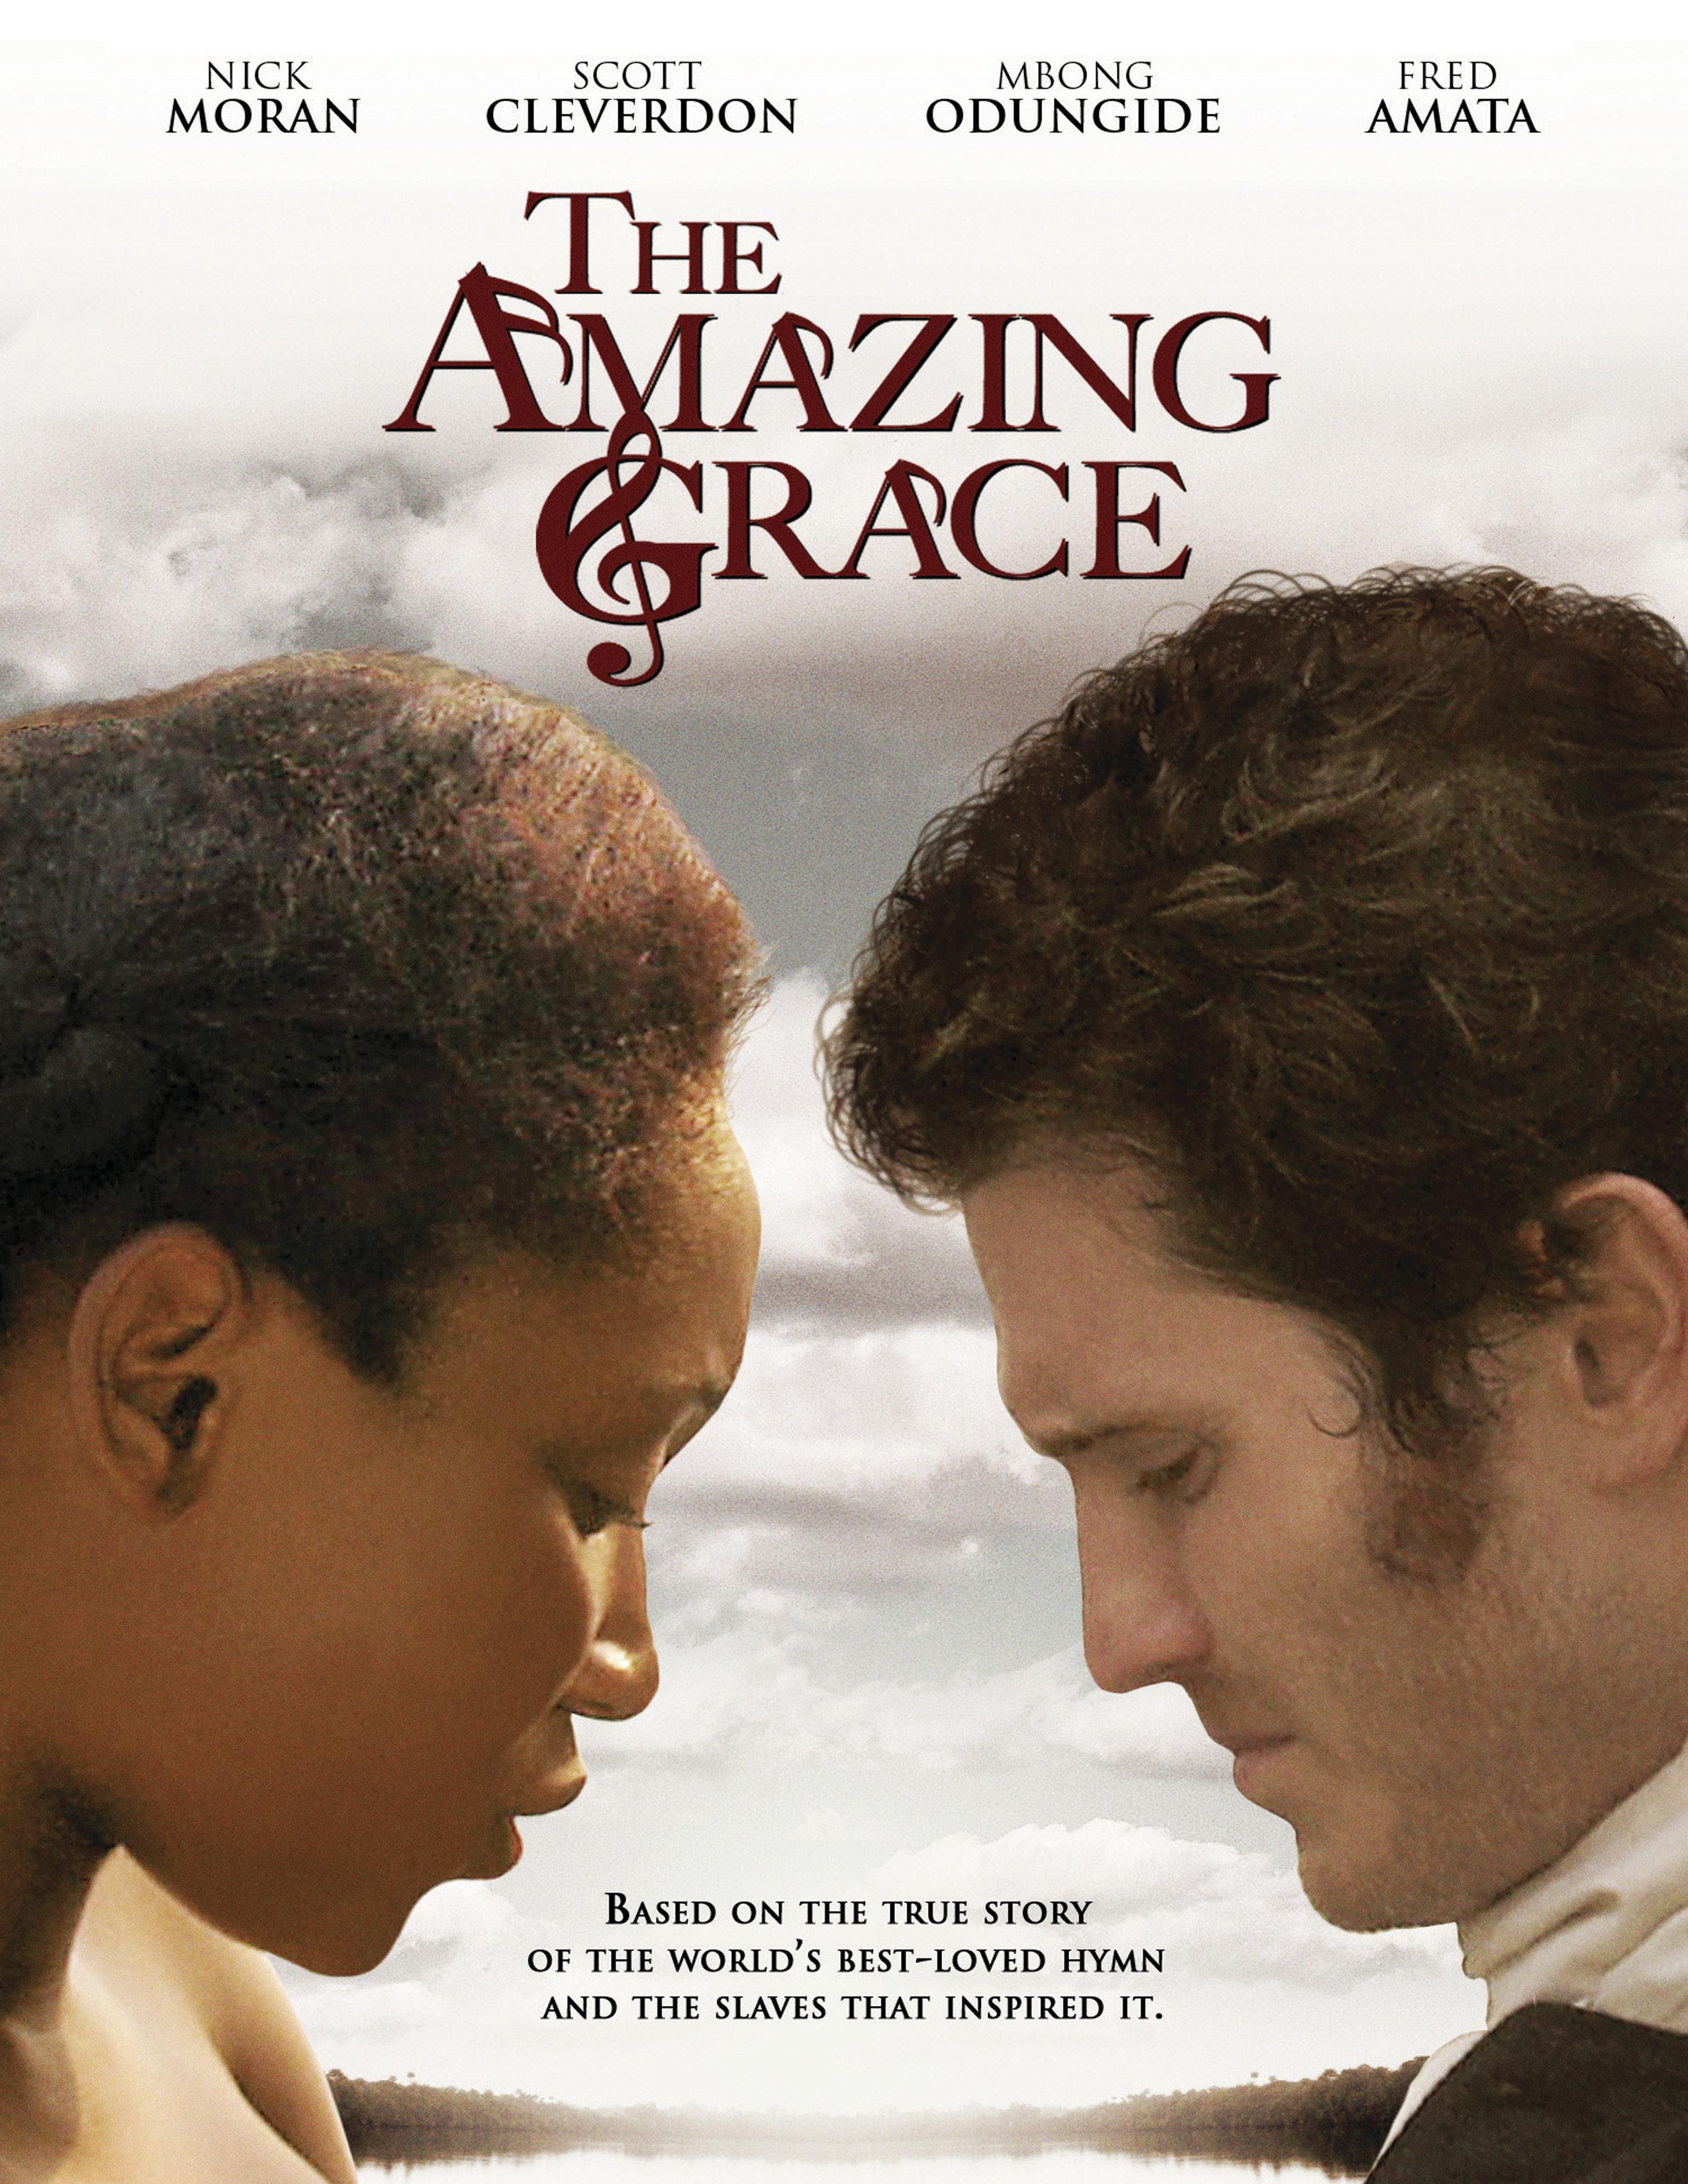 amazing grace movie summary